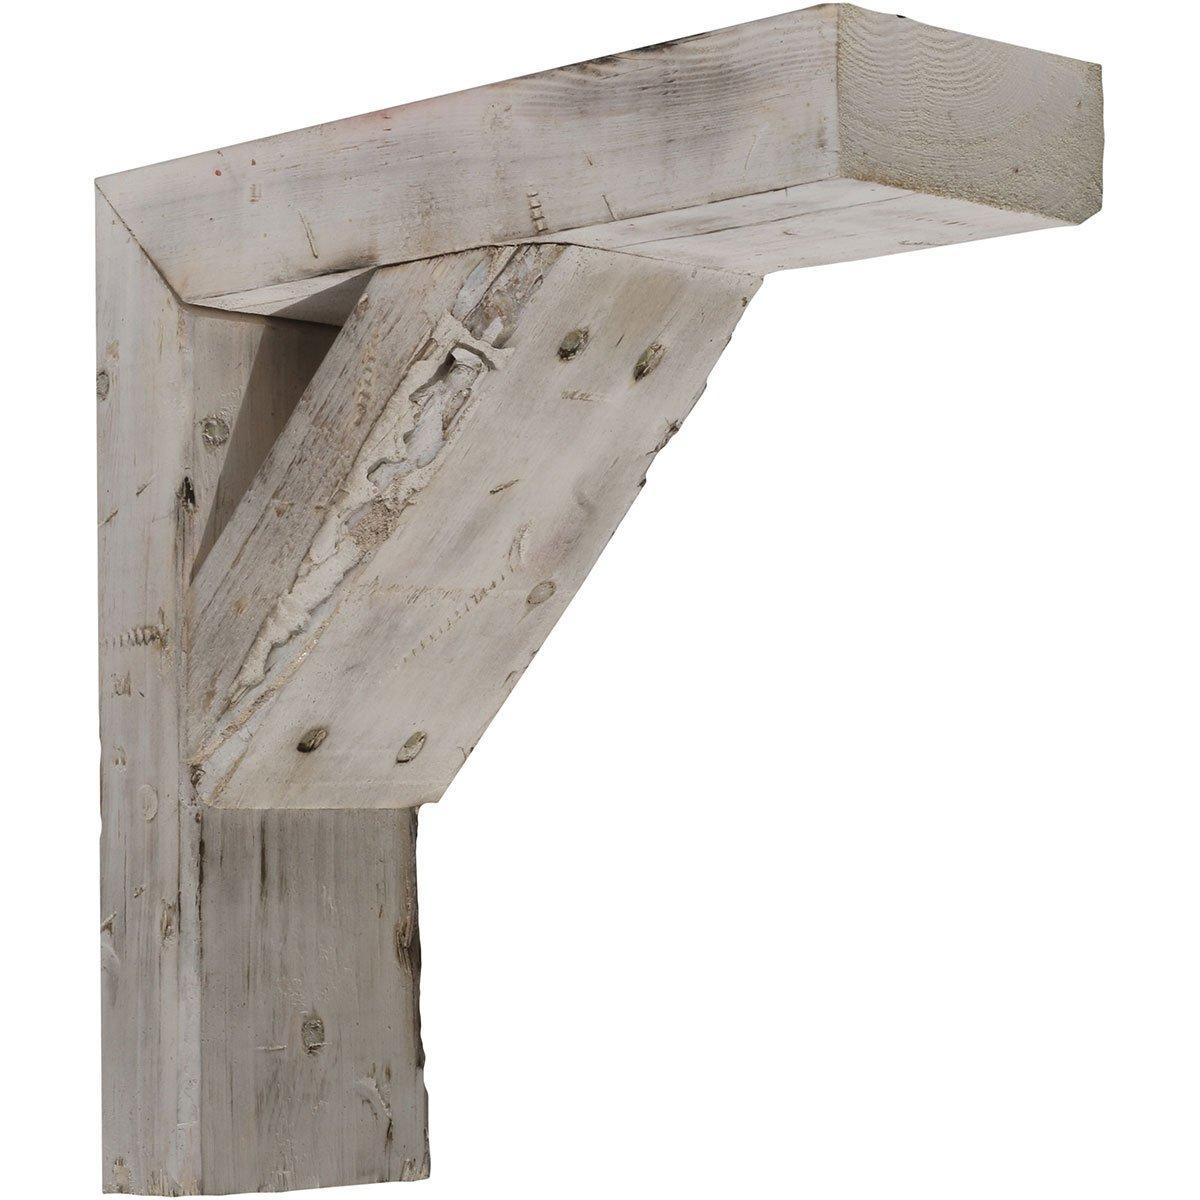 Ekena Millwork BKTB03X12X12TRWH Wood Bracket, 3 1/2'' W x 12'' D x 12'' H, Chalk Dust White